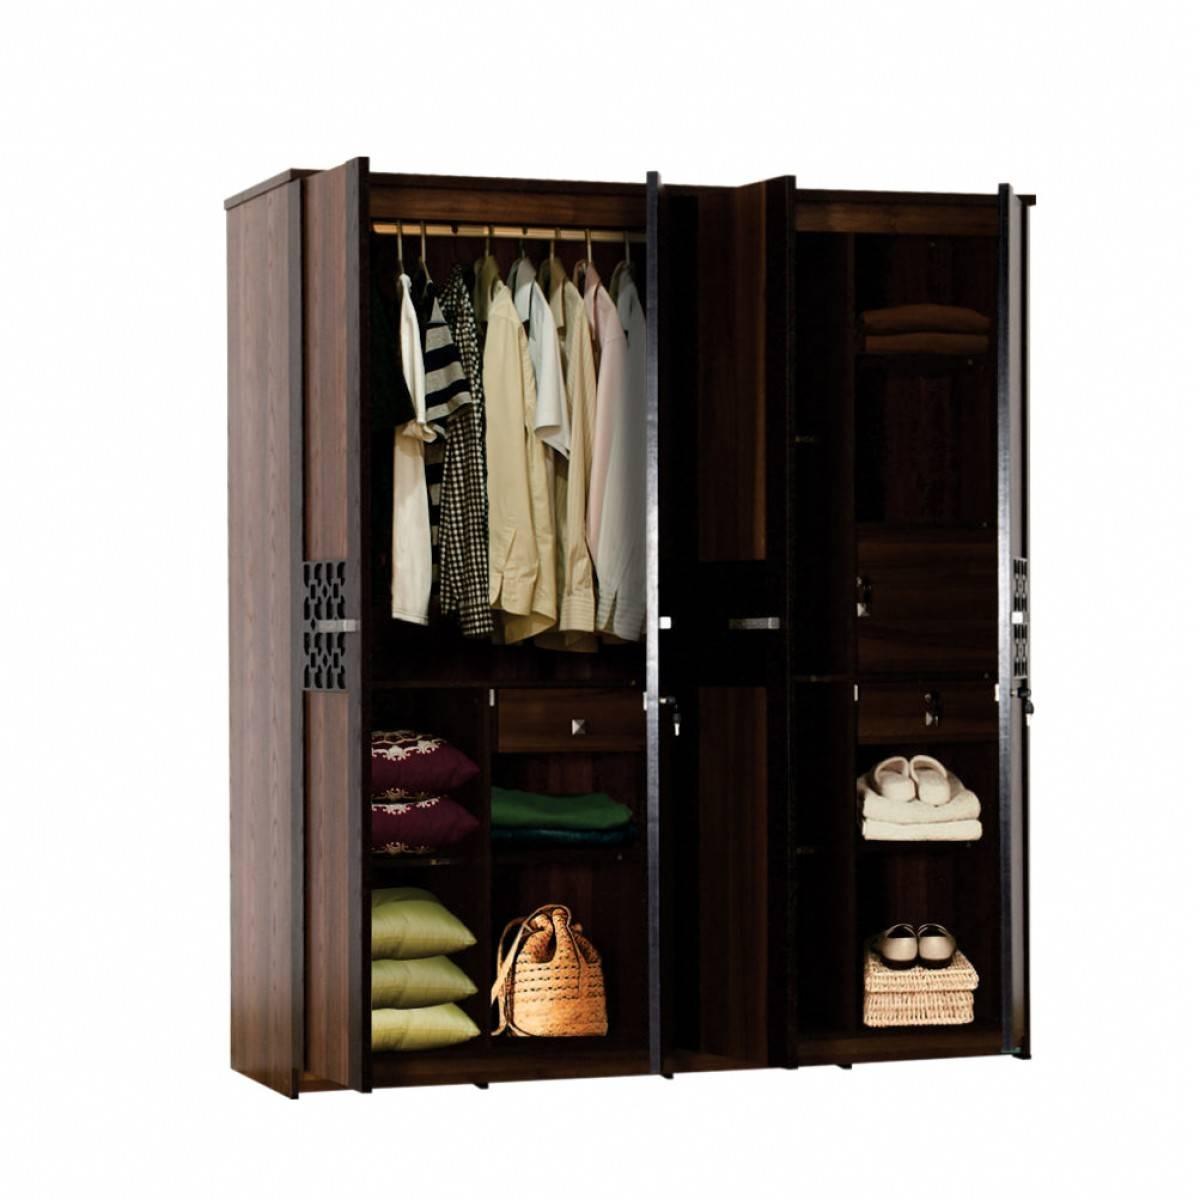 Carvin 4 Door Wardrobe | Damro throughout 4 Door Wardrobes (Image 4 of 15)